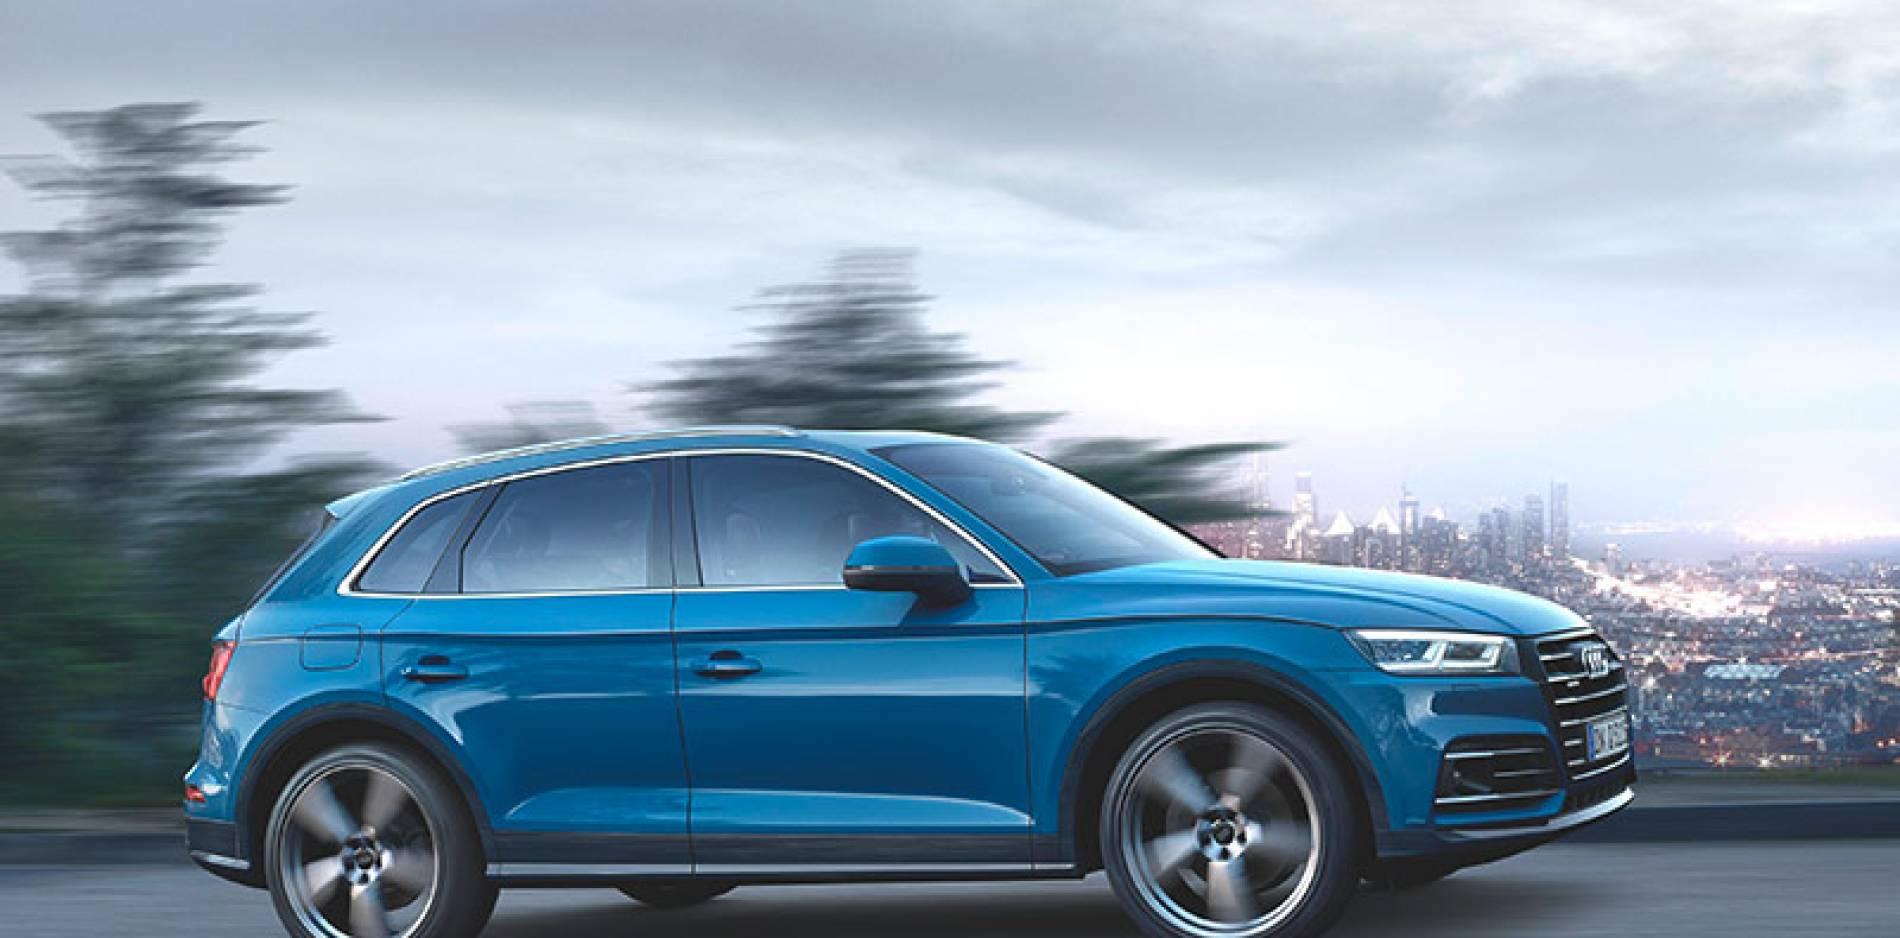 El Audi Q5 TFSIe quattro estrena la nueva generación de híbridos enchufables